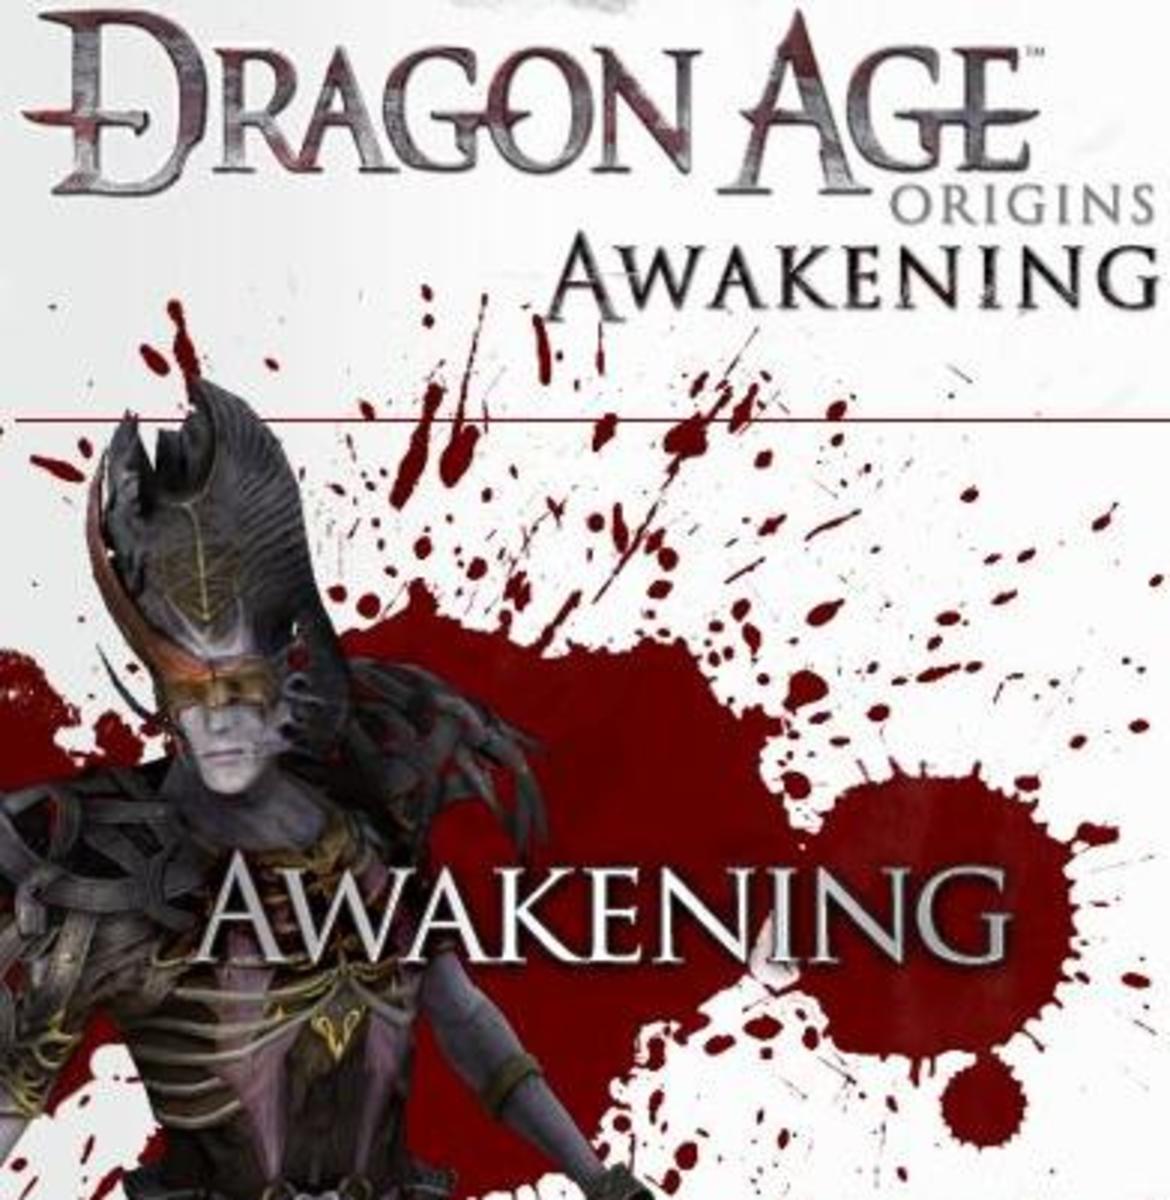 Dragon Age Origins: Awakening Gift Giving Guide